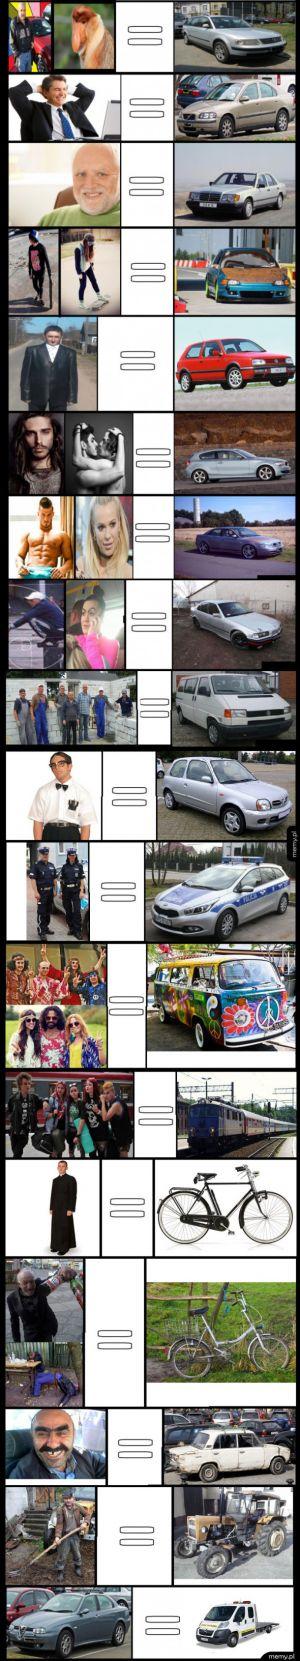 Użytkwnicy pojazdów